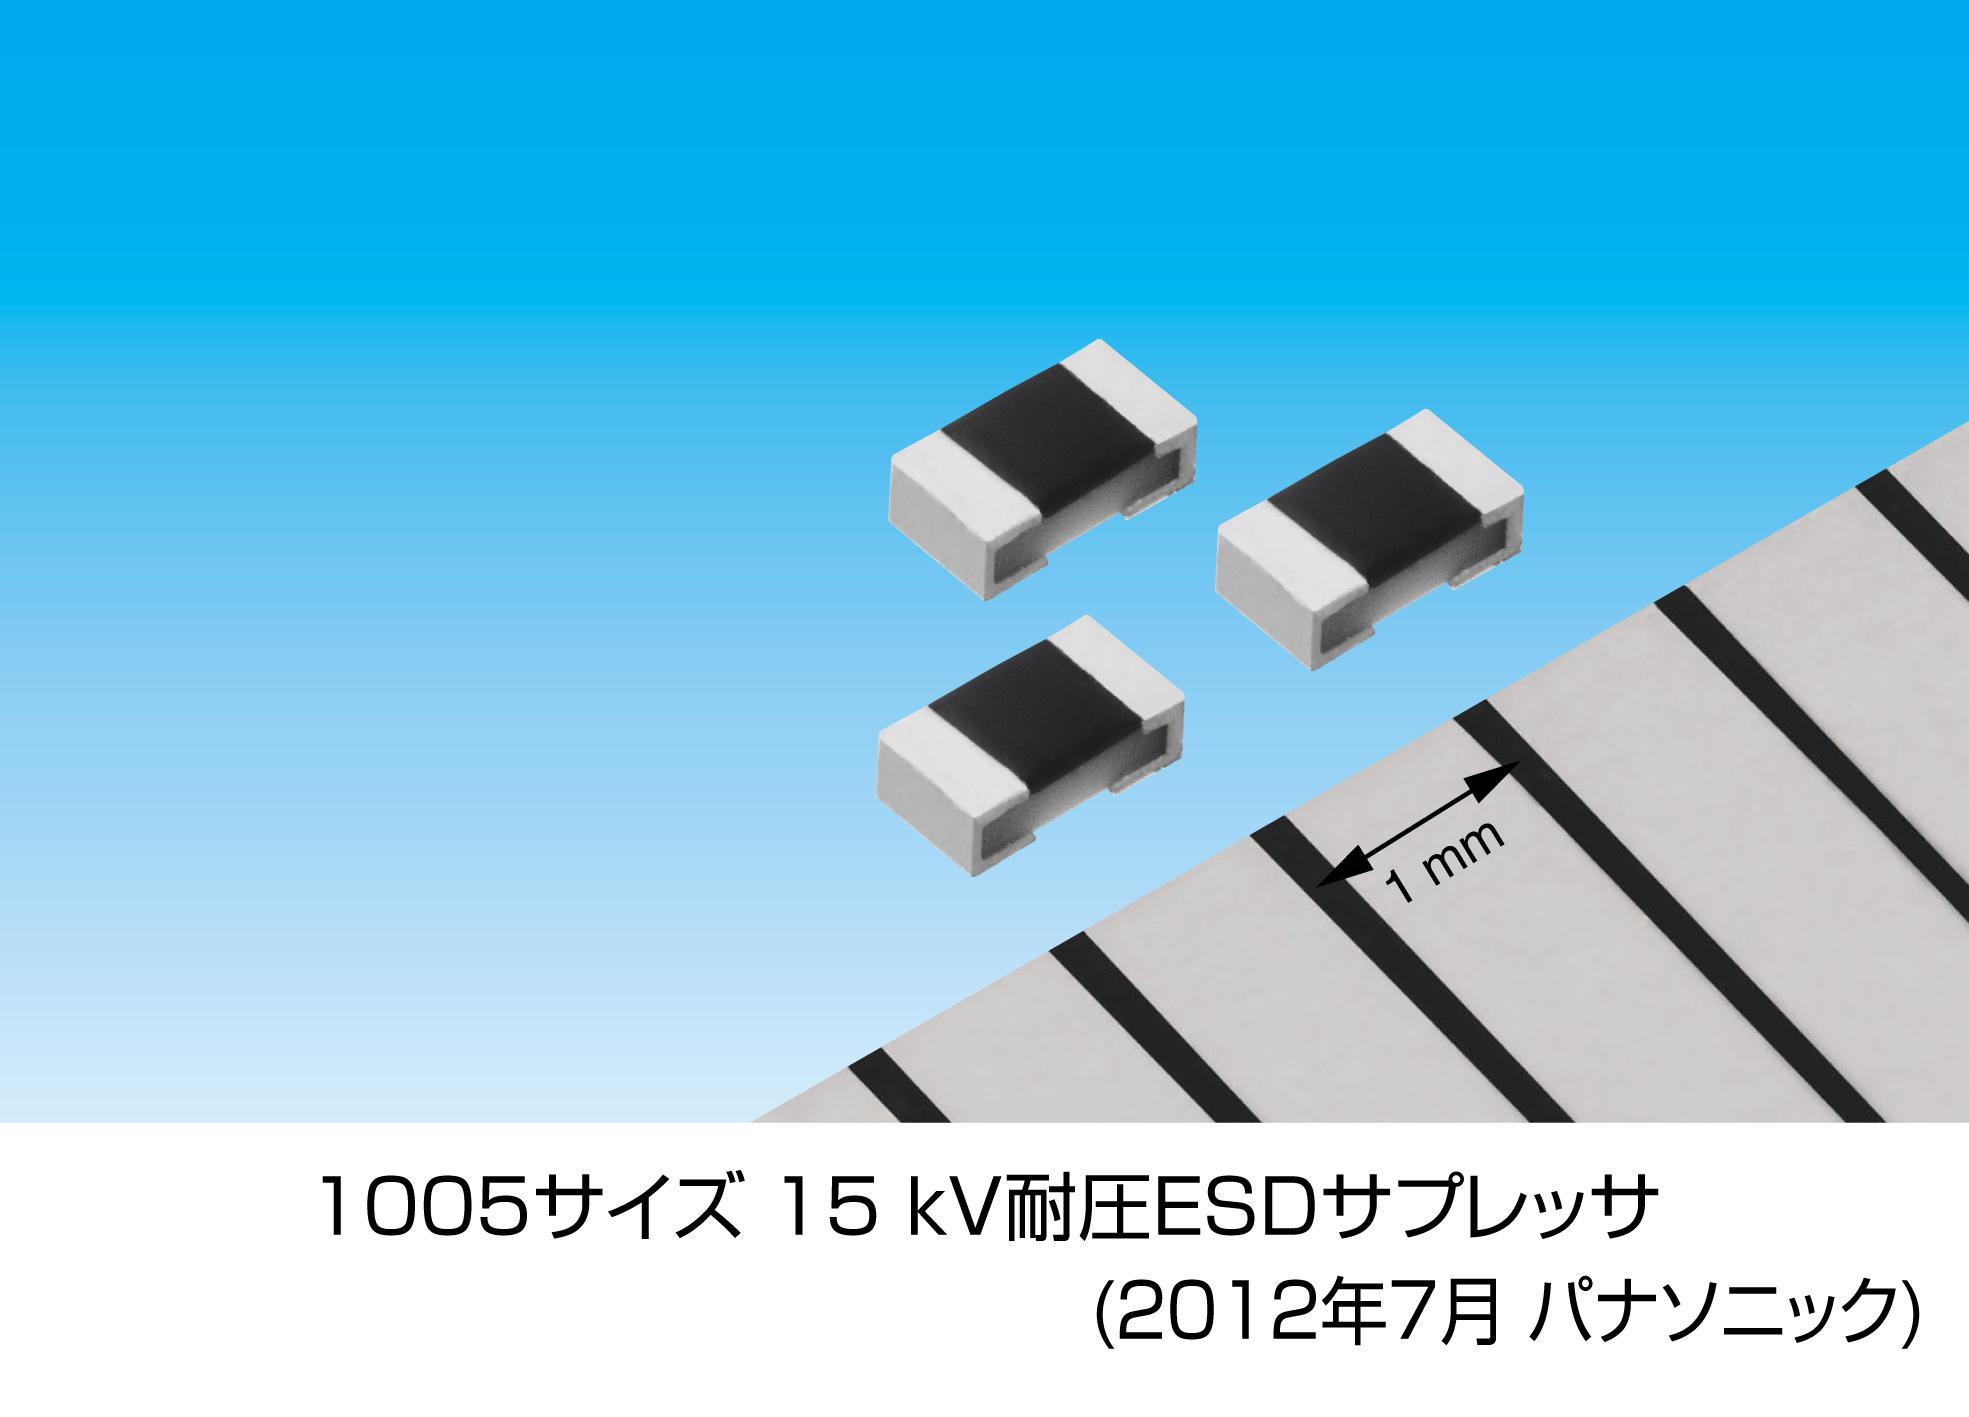 「1005サイズ 15kV耐圧ESDサプレッサ」を製品化